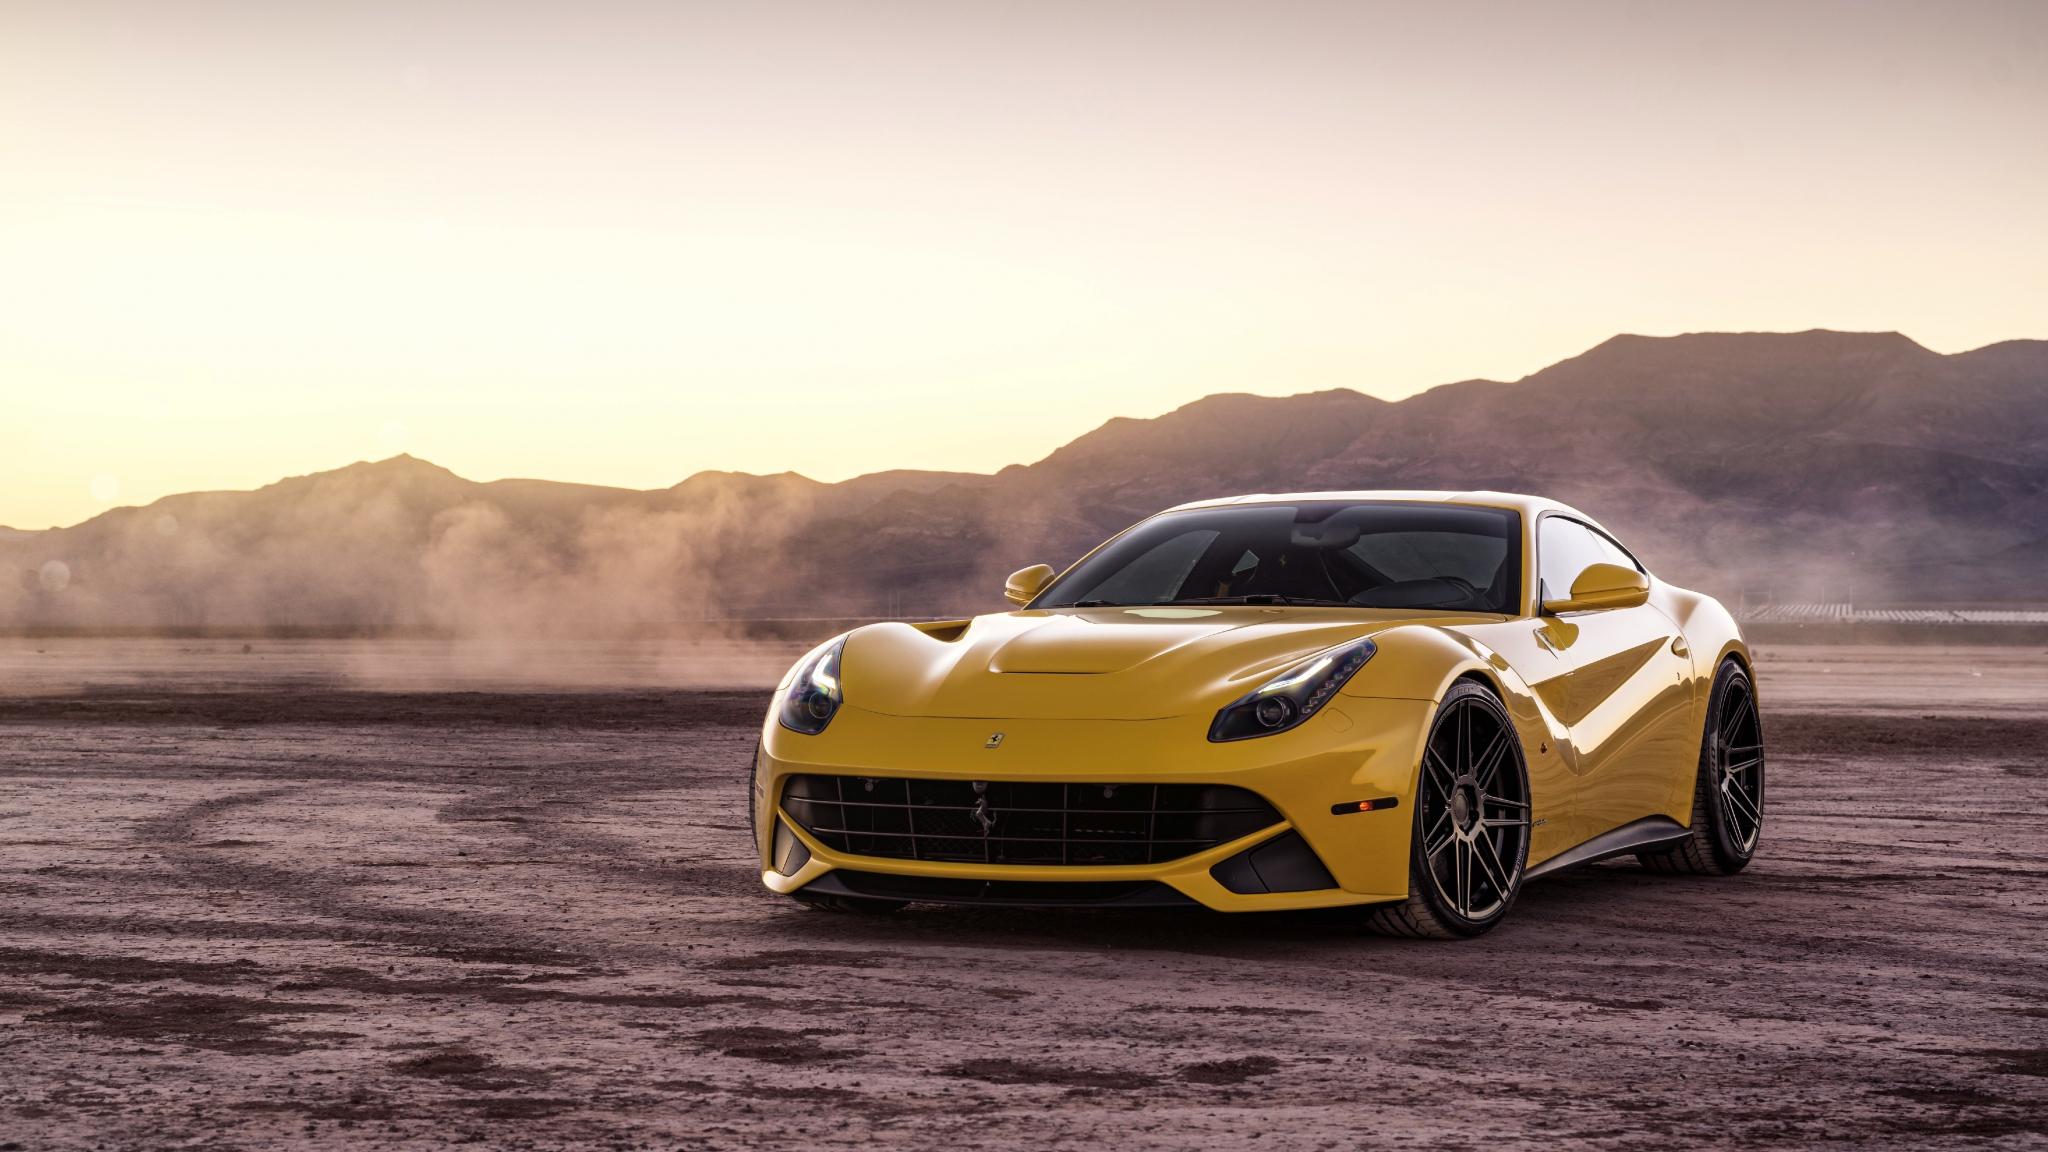 желтый спортивный автомобиль Ferrari F12 Berlinetta Wheelsandmore  № 1564300  скачать